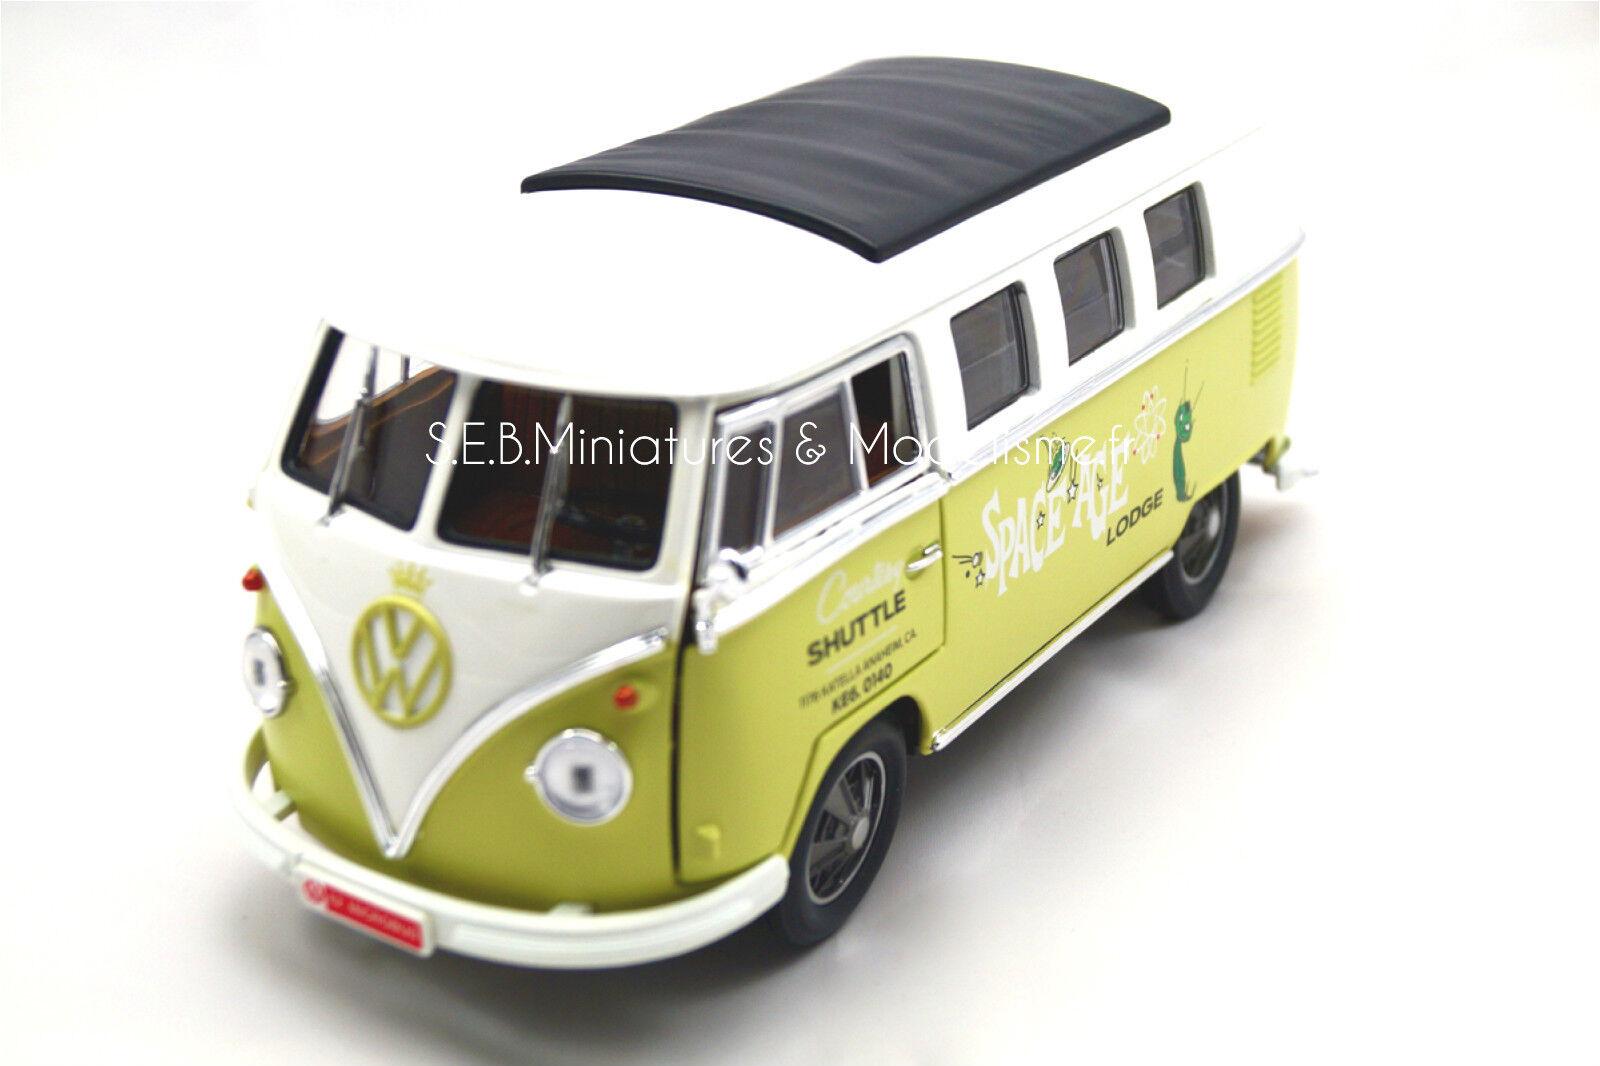 VOLKSWAGEN Minibus Space Age 1962 verdeLIGHT 1 18